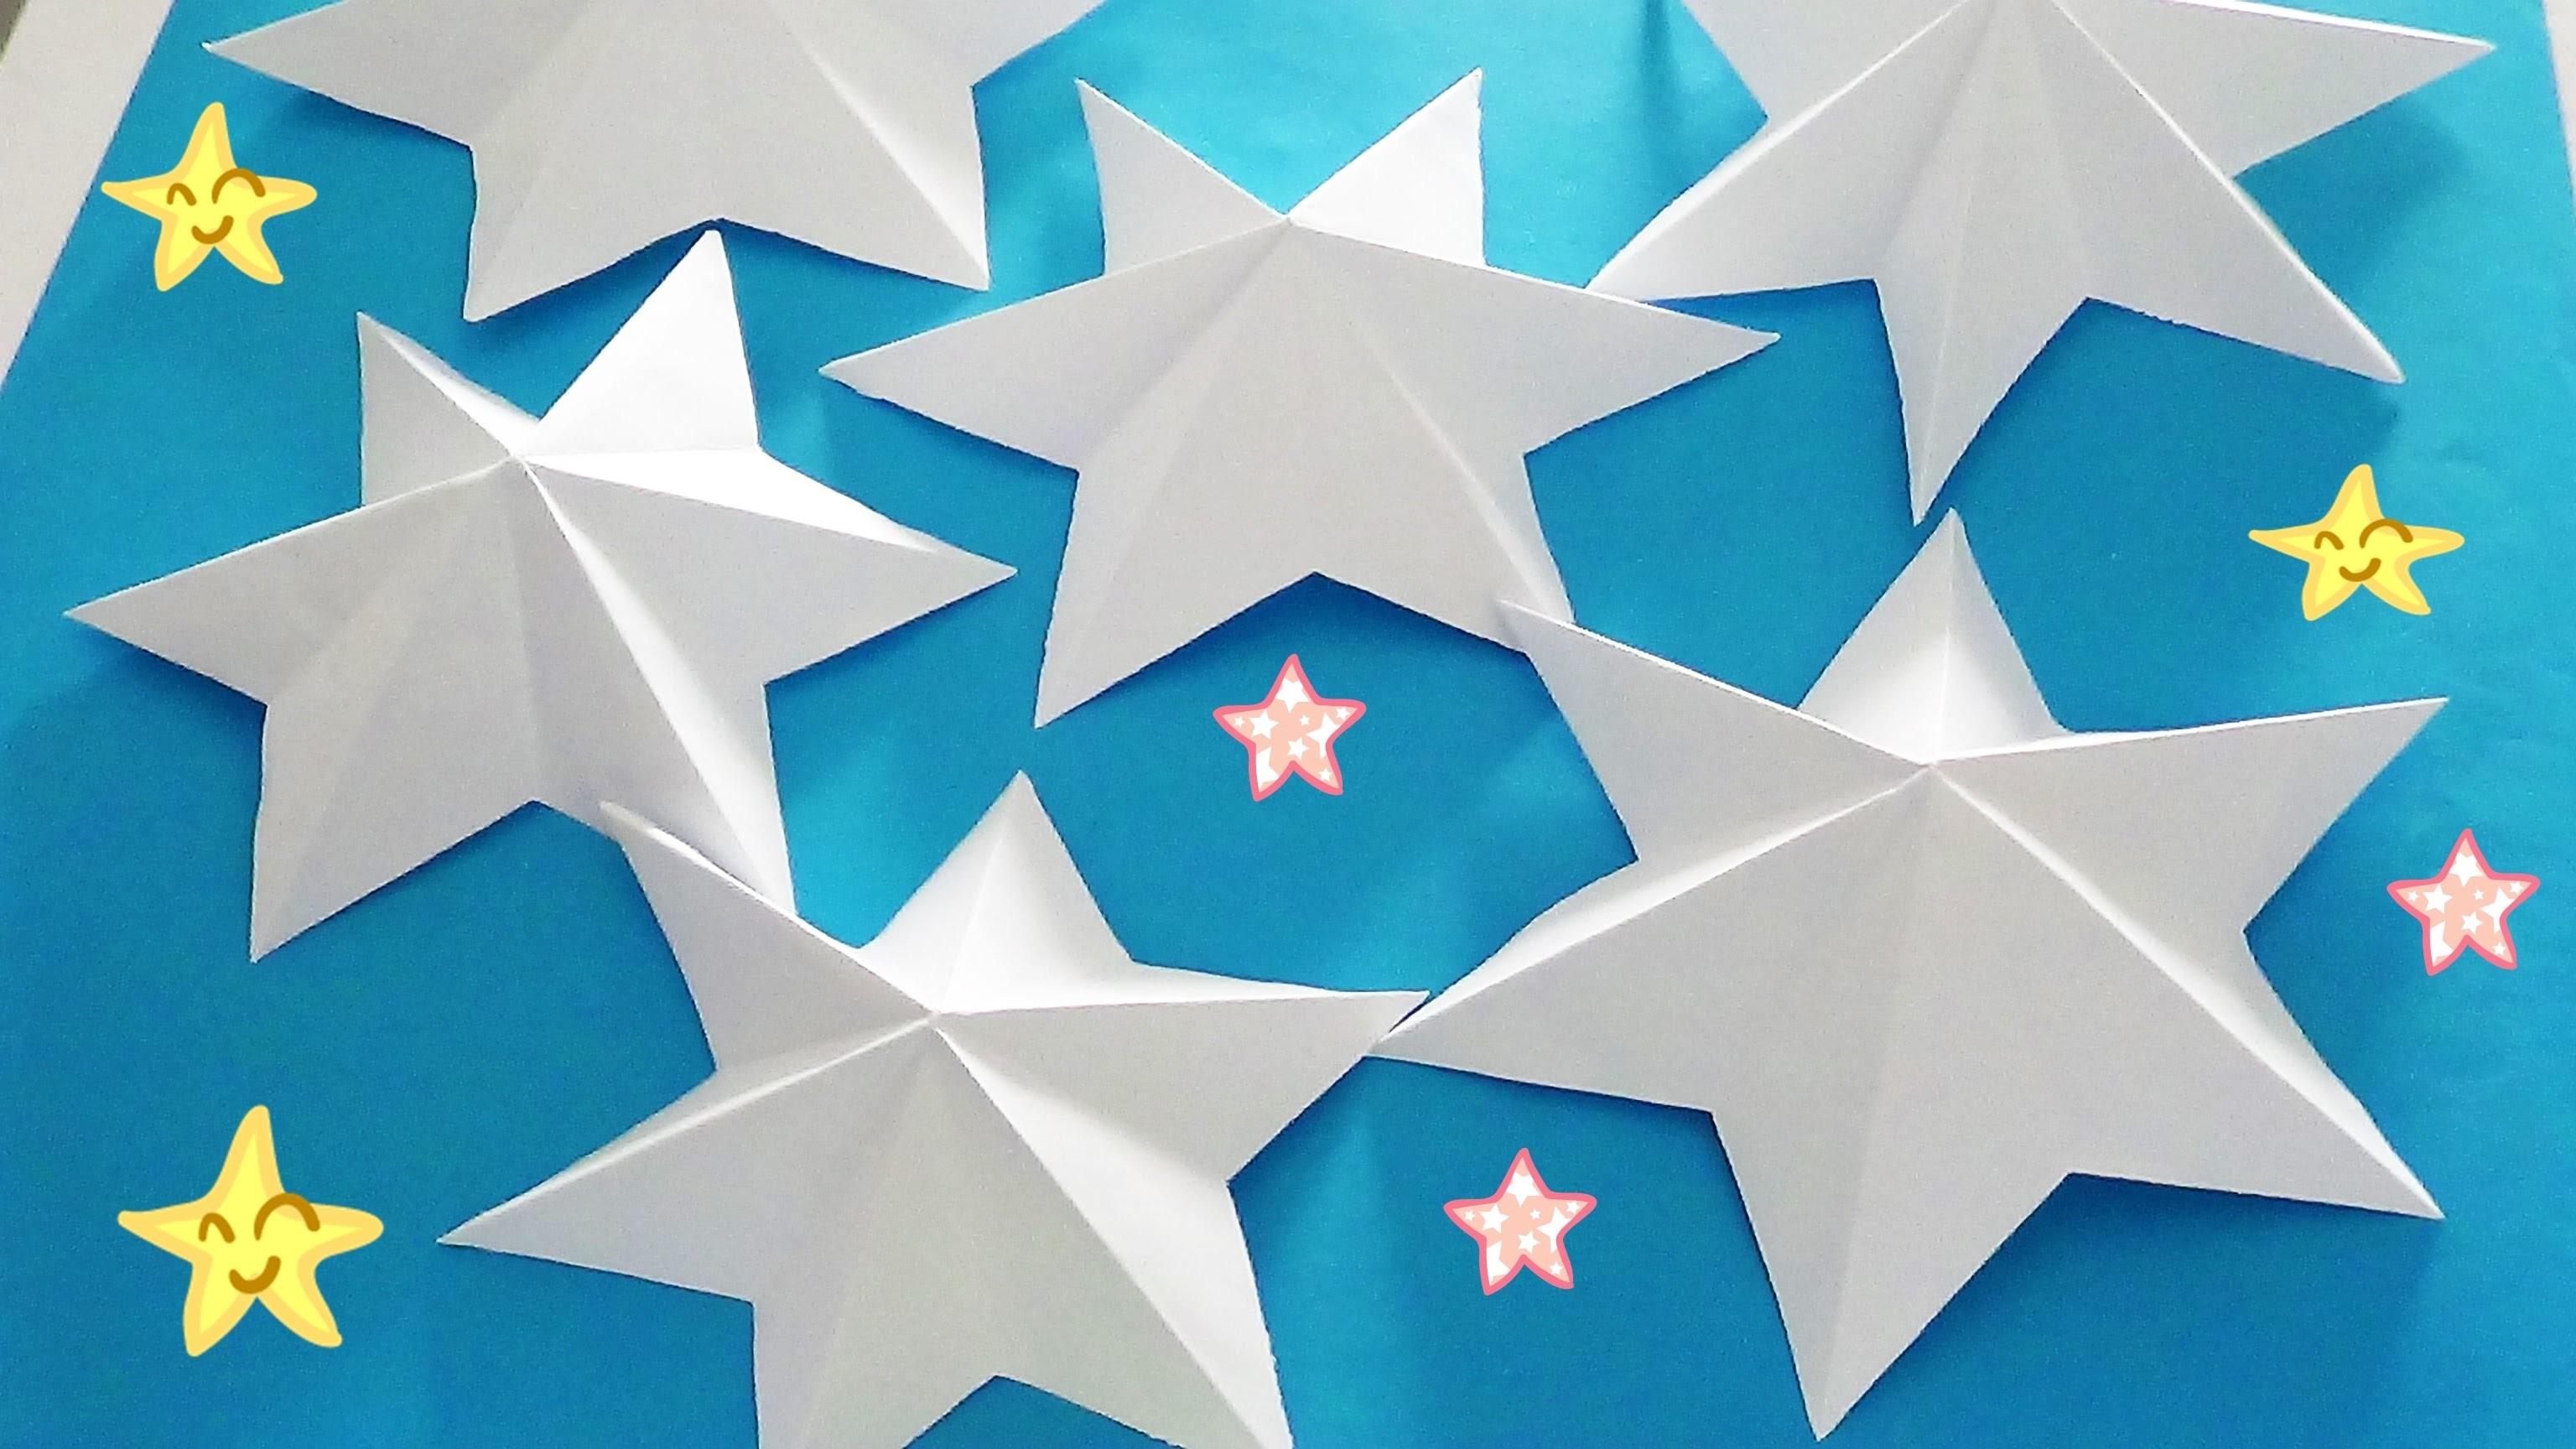 DIY  Saiba como fazer Estrela 3D de 6 pontas com papel - EASY DIY 3D paper star